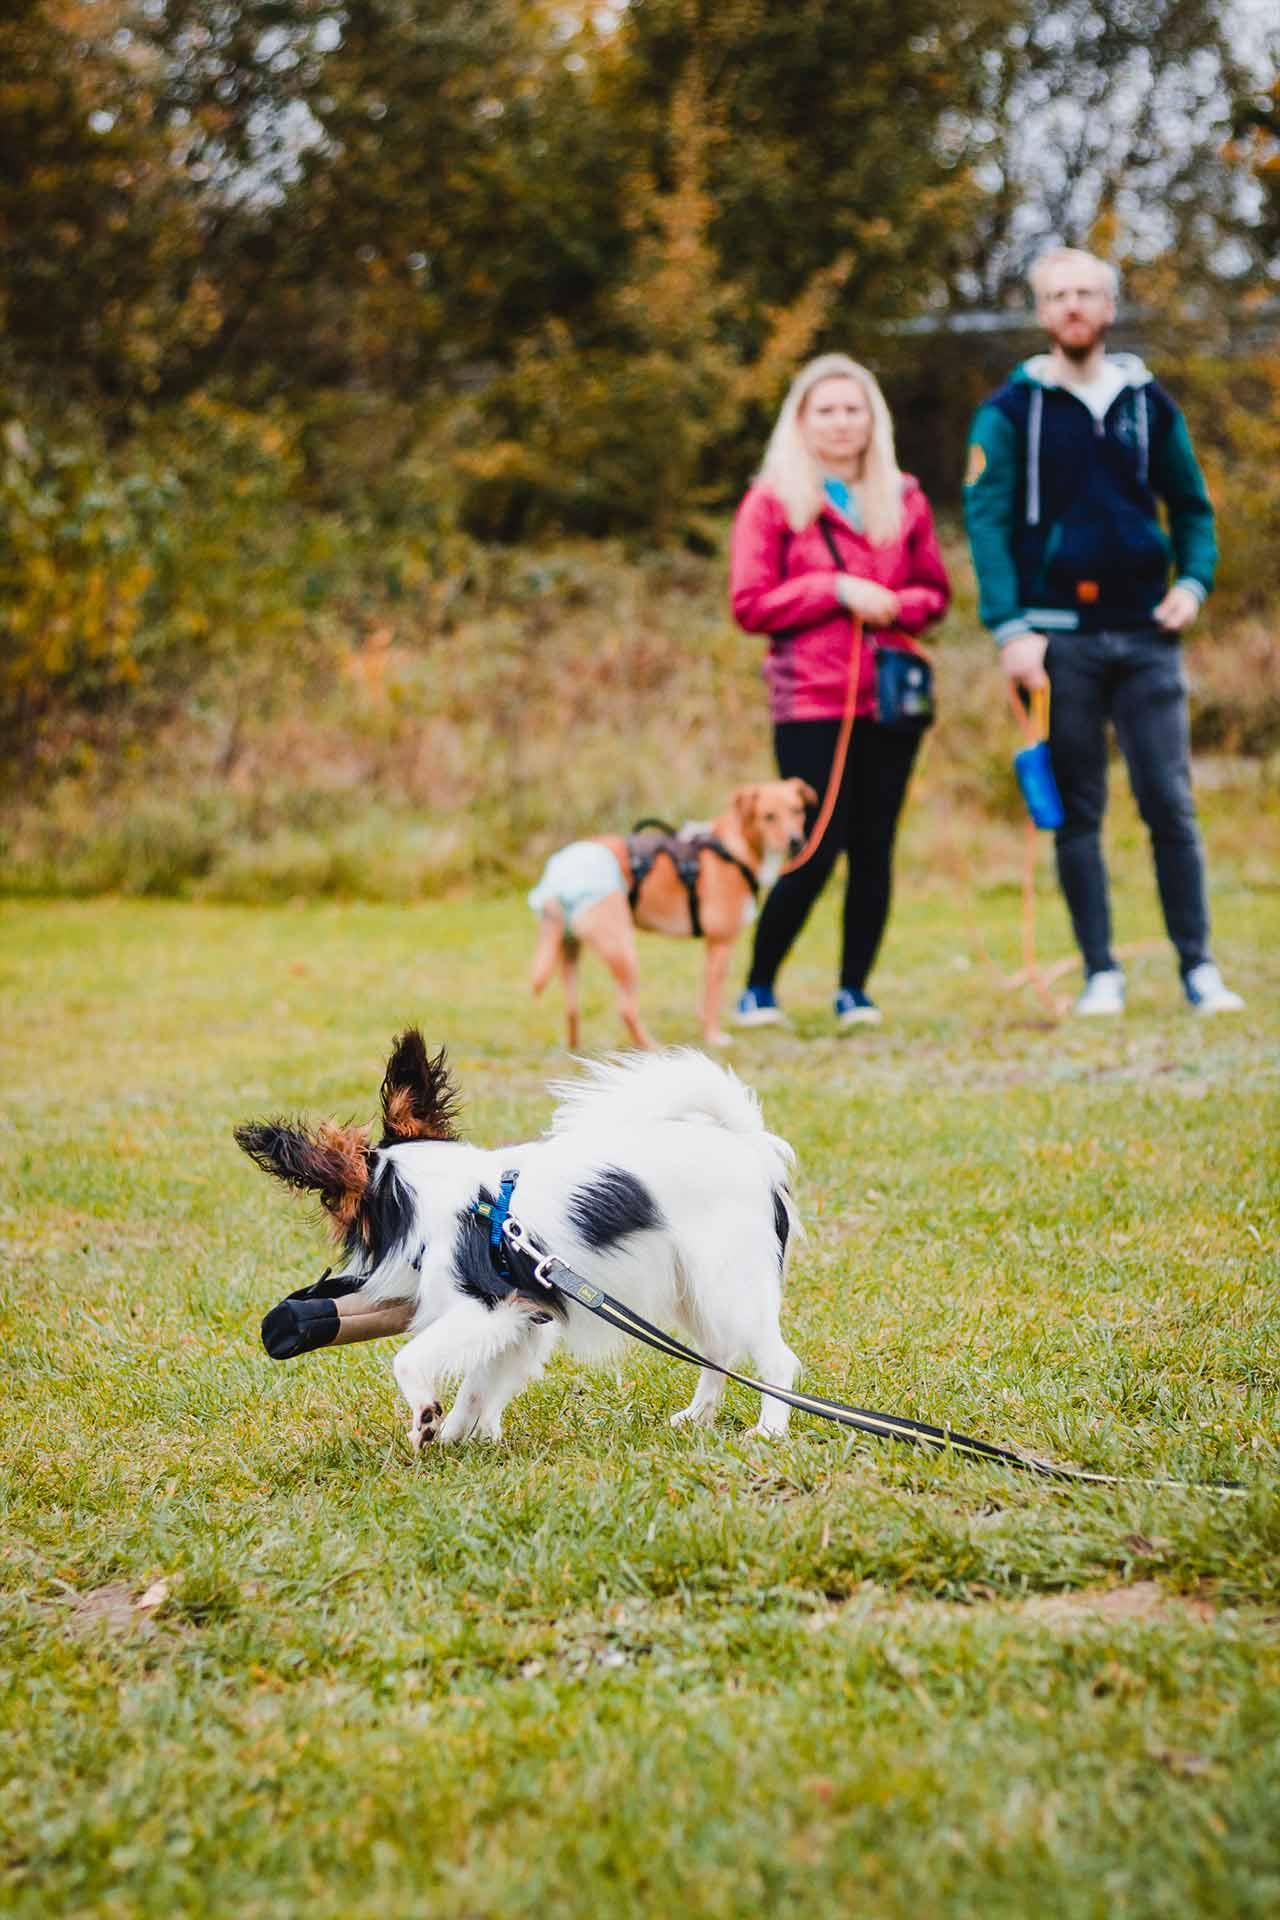 hundpunkt_hundeschule_muenster-kurse-bienchenbluemchen-1